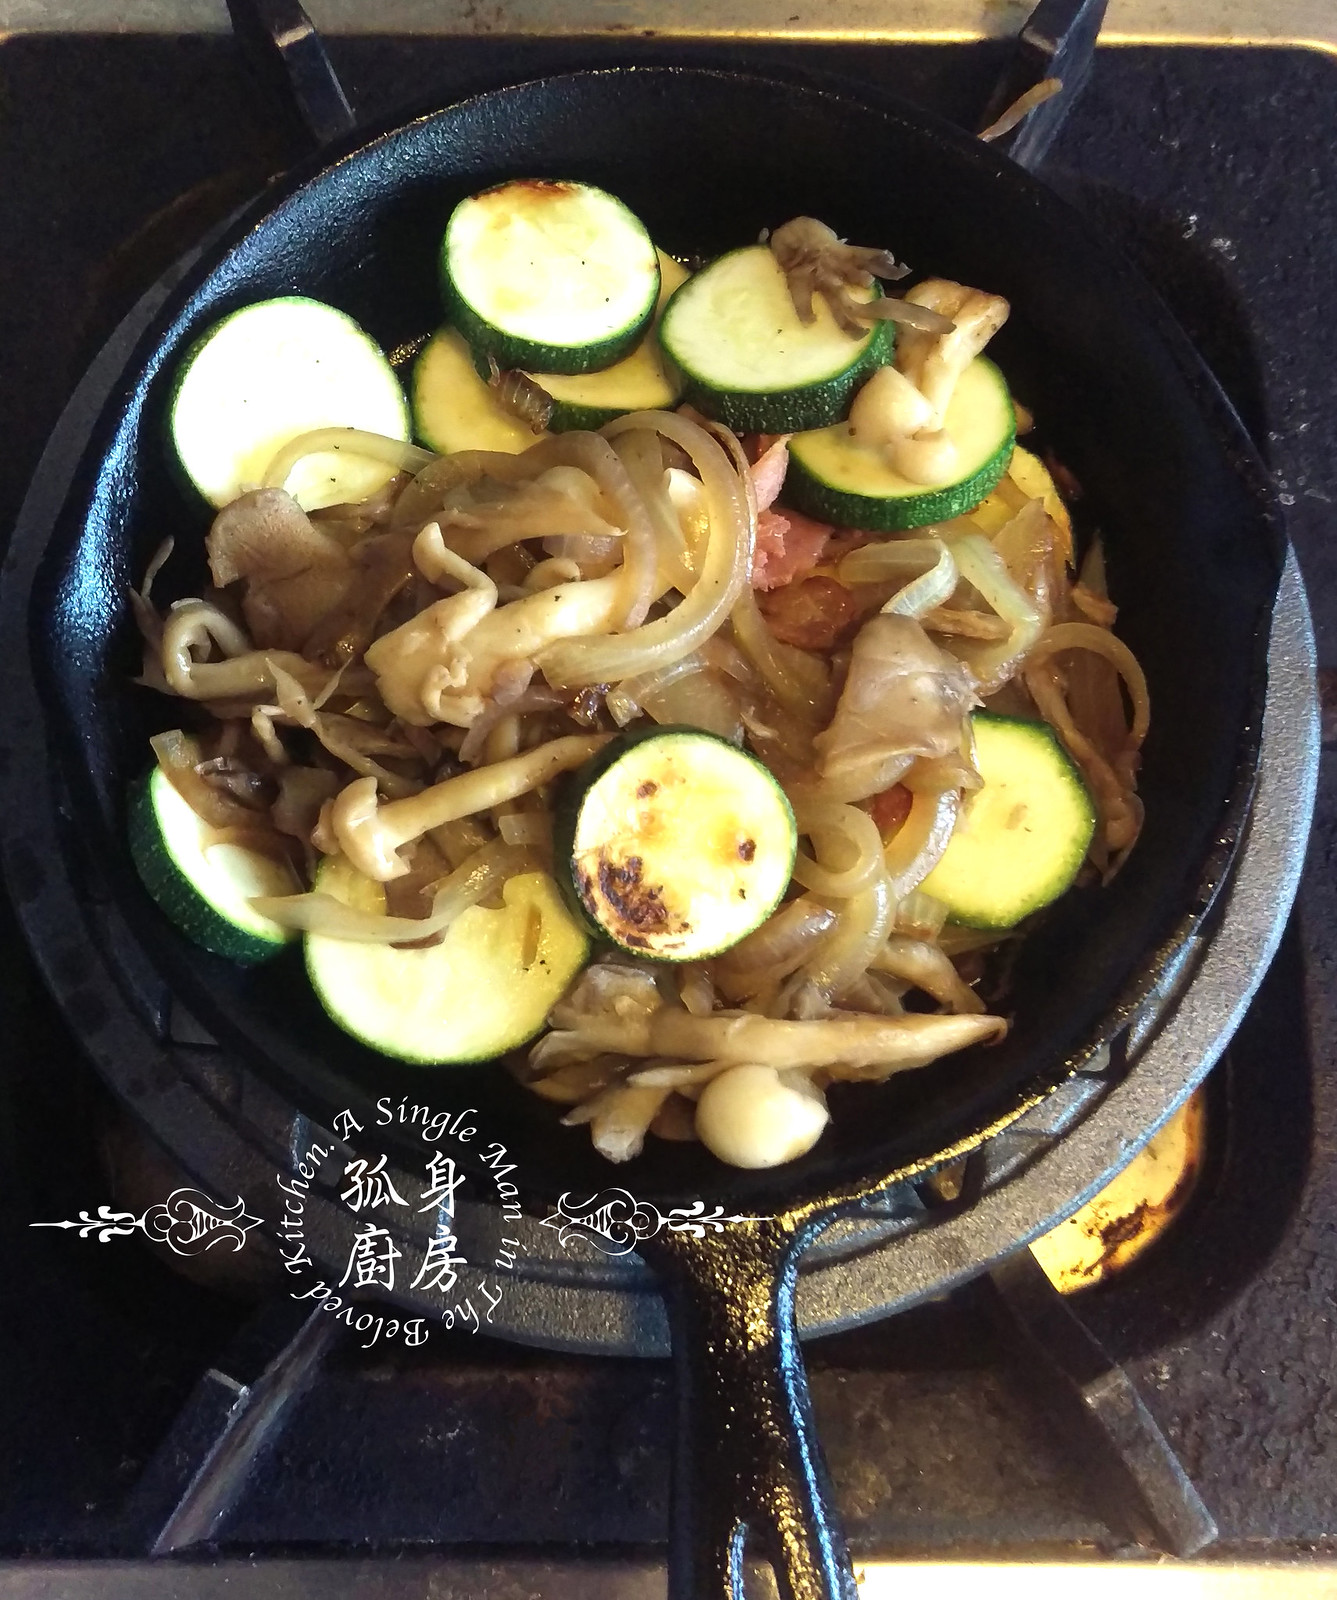 孤身廚房-清冰箱簡單早午餐!培根野菇櫛瓜義式烘蛋Frittata14